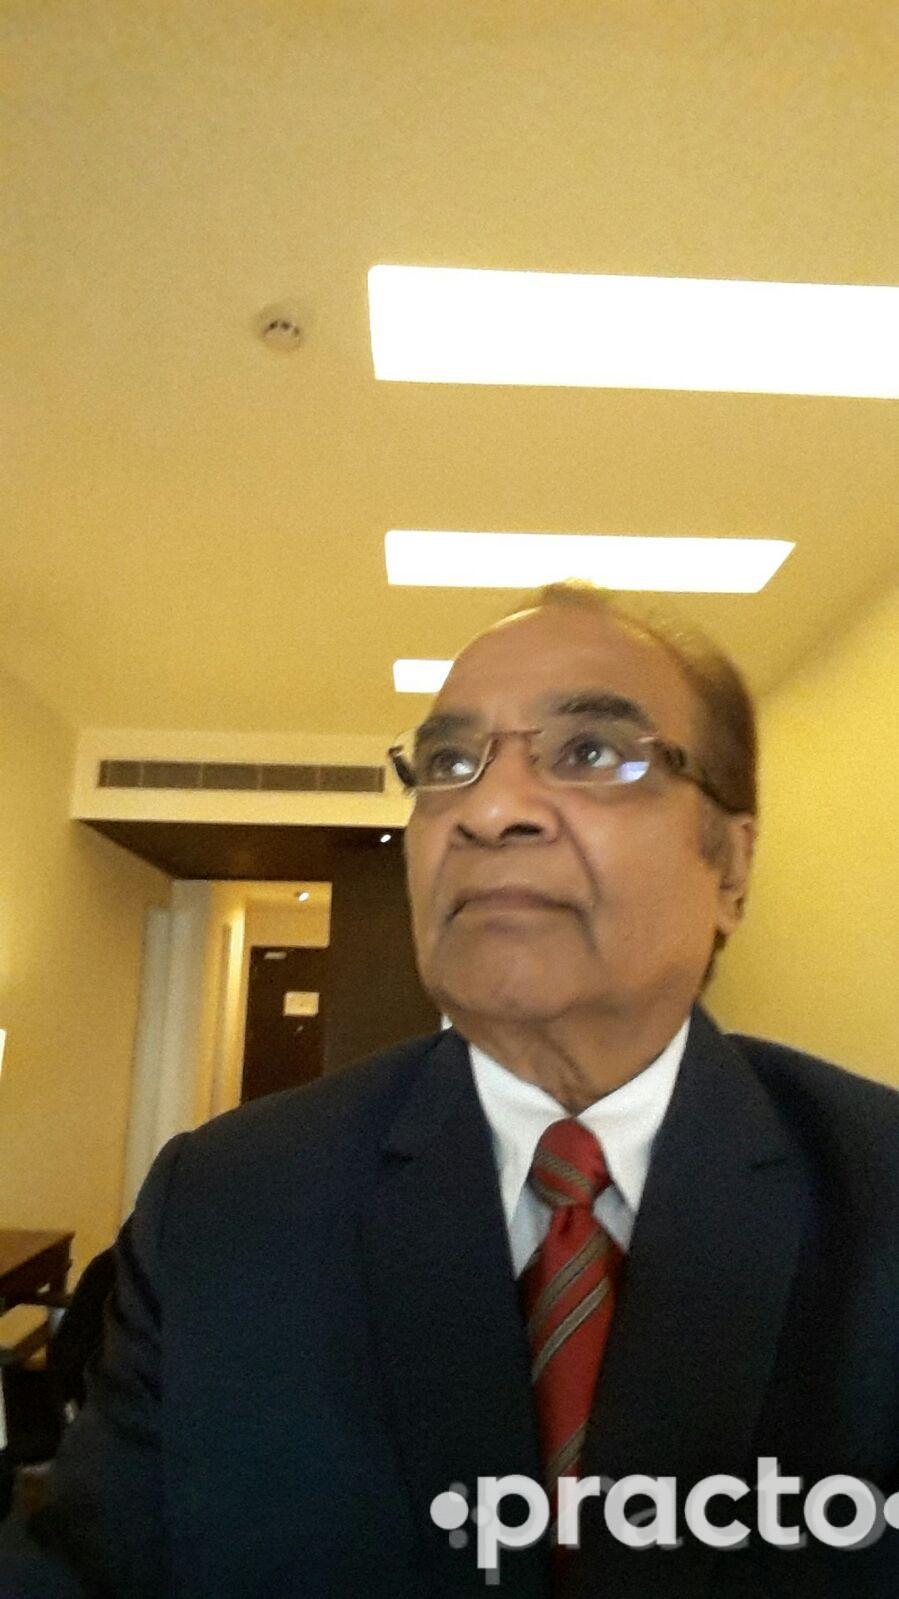 Dr. Rama Kant - General Surgeon